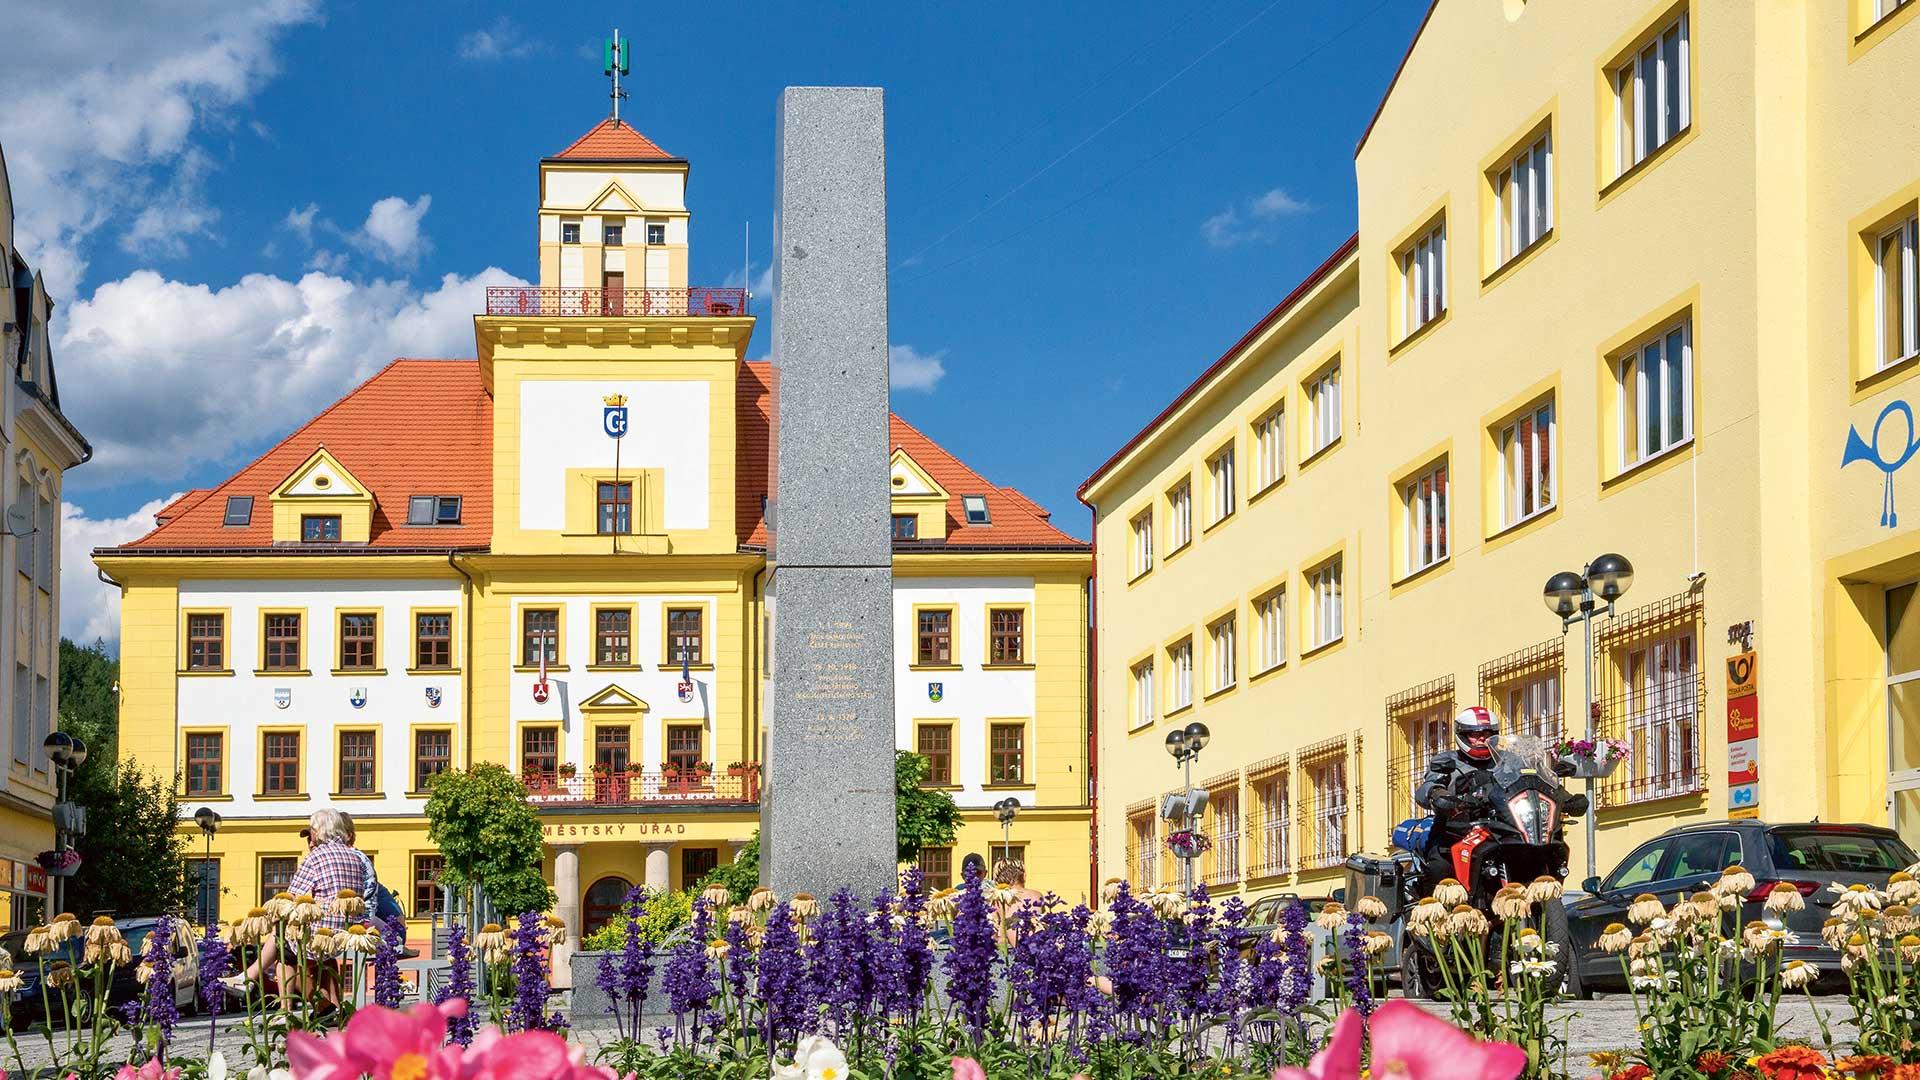 Marodes & Modernes Teil 2: Lost in Sachsen